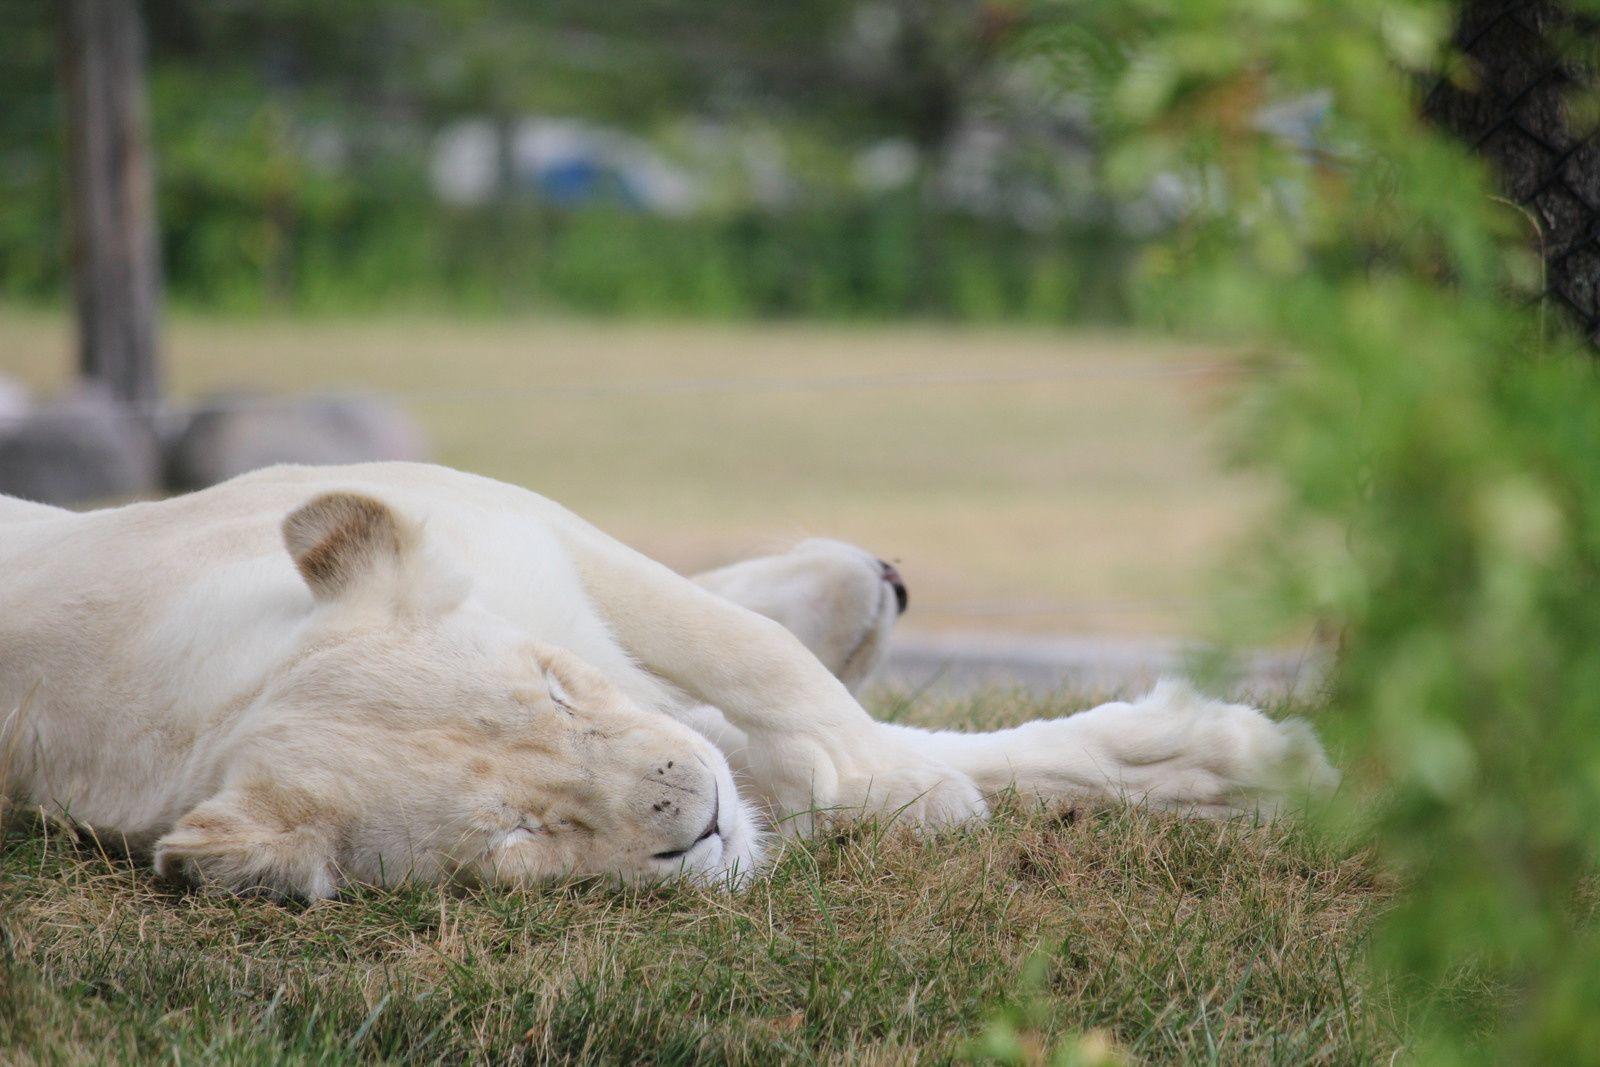 J'ai été impressionné par tous ces félins surtout les lions blancs, mais leur enclos me semblait trop petit